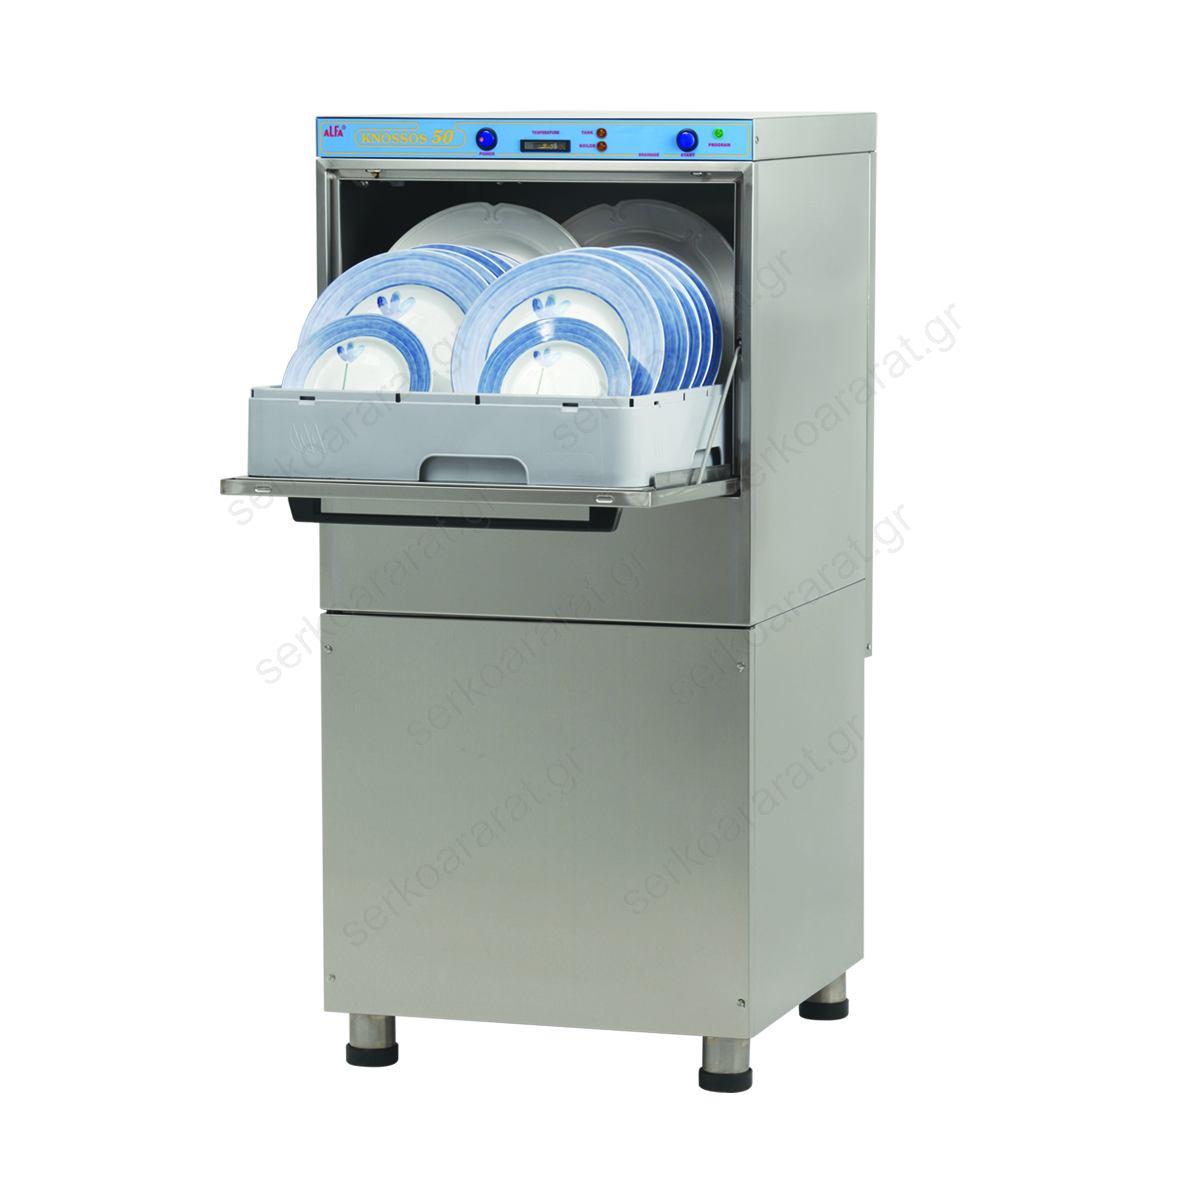 Επιδαπέδιο πλυντήριο πιάτων   ποτηριών με μπασκέτα πλύσης 50Χ50 KNOSSOS 50 fa73d61c472